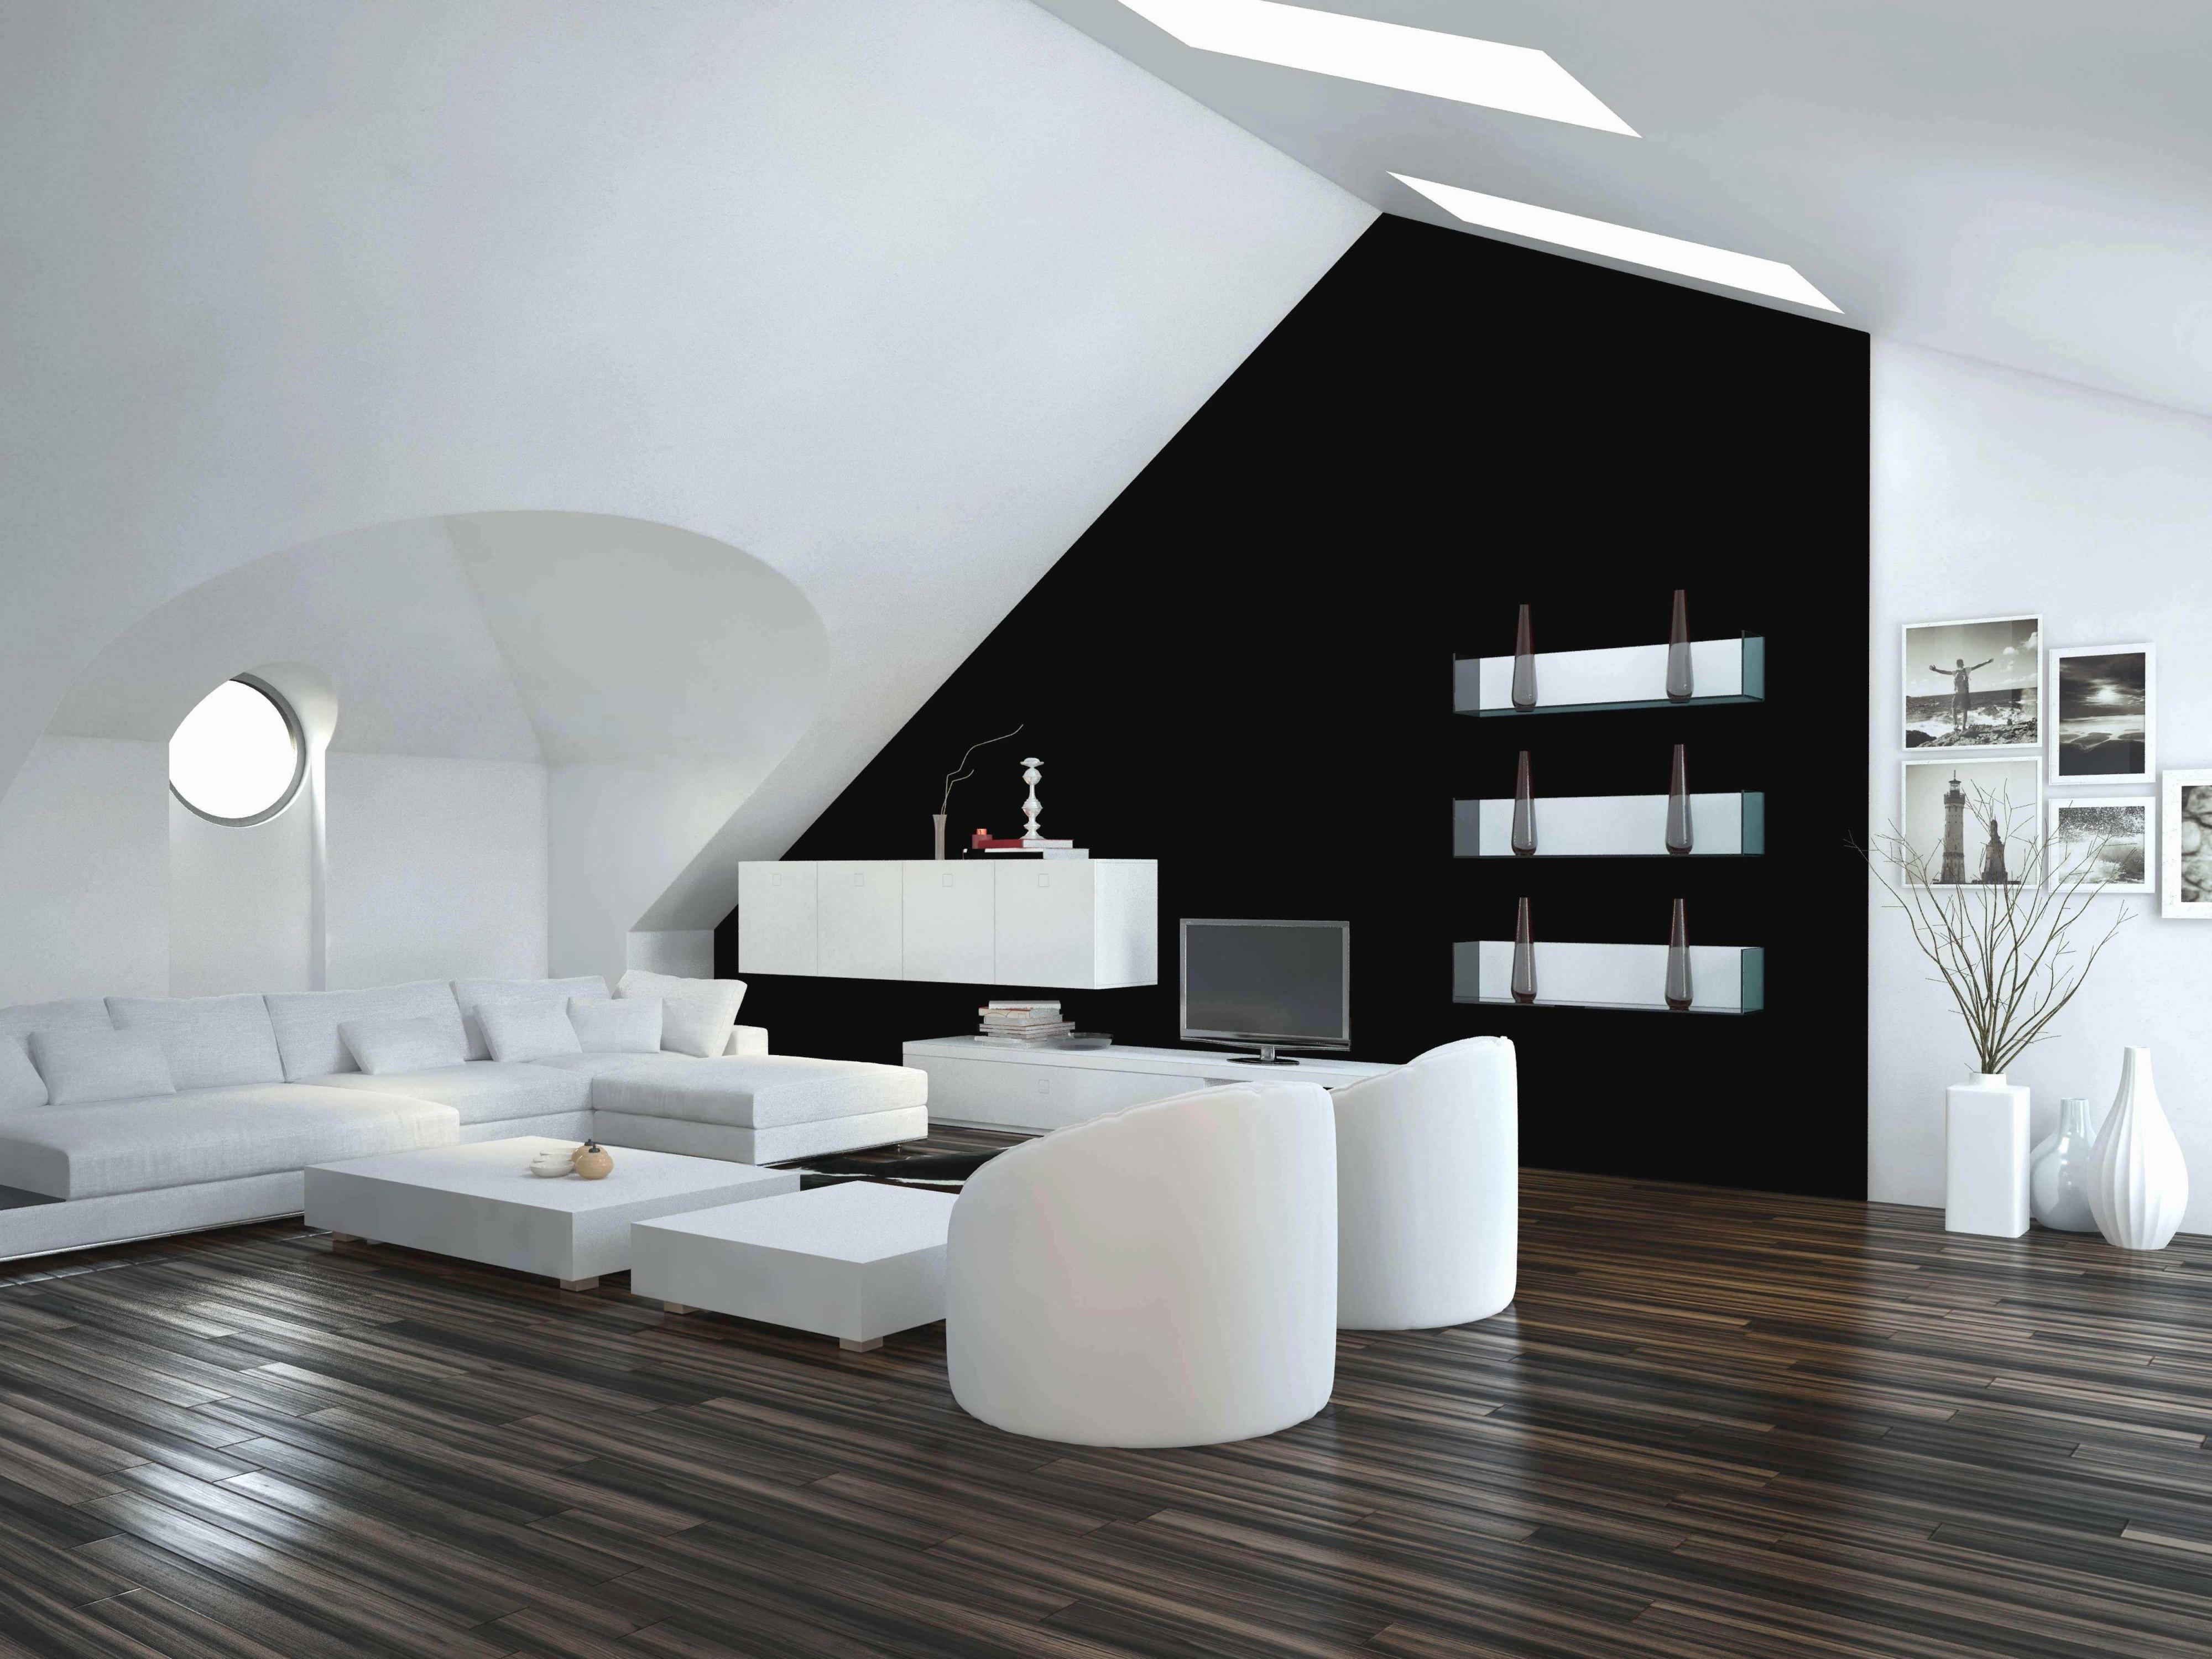 59 Luxus Spiegel Deko Ideen Elegant  Tolles Wohnzimmer Ideen von Vintage Deko Ideen Wohnzimmer Photo